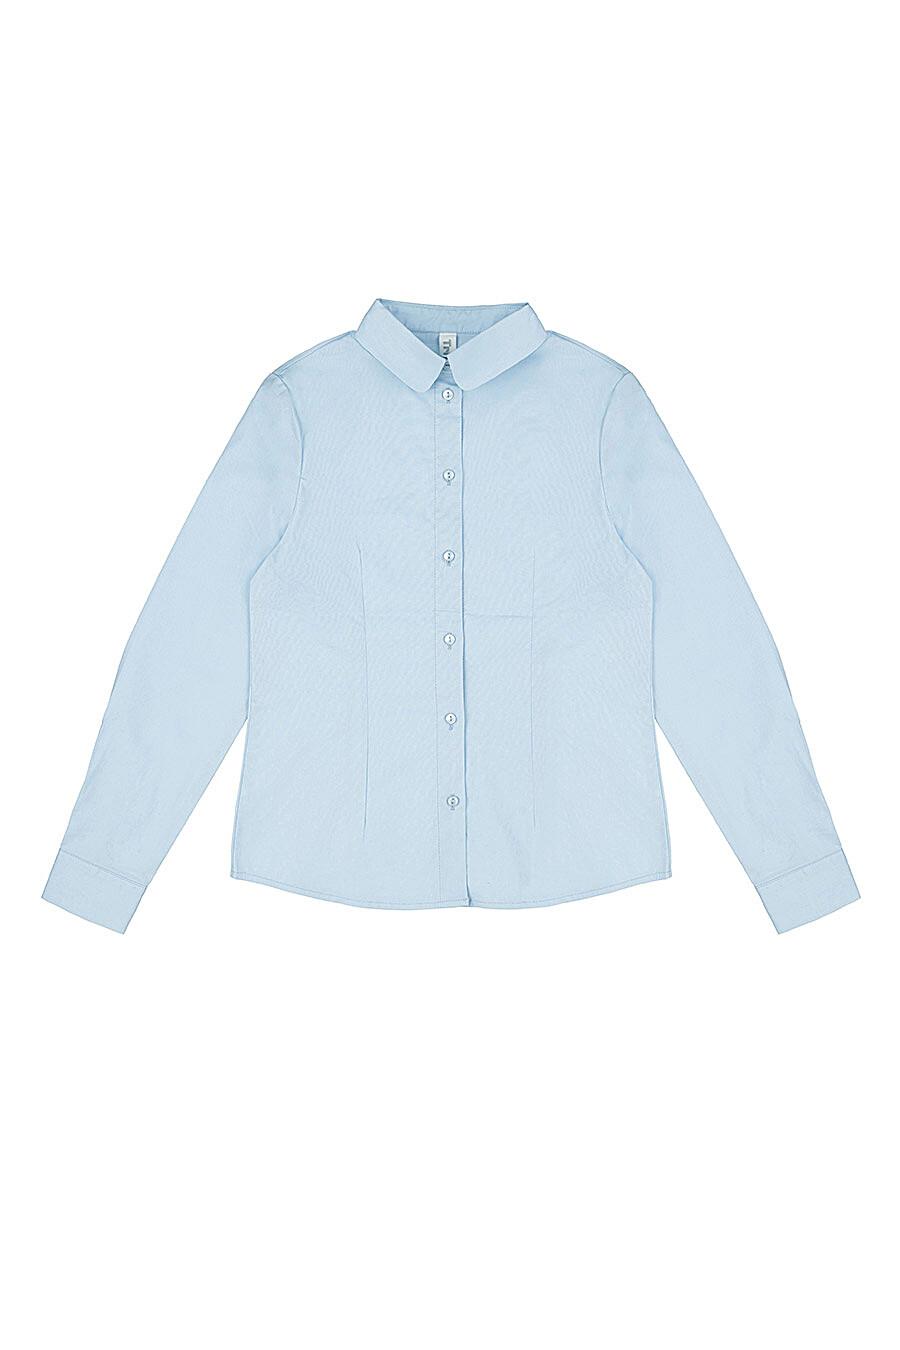 Блуза для девочек IN FUNT 218919 купить оптом от производителя. Совместная покупка детской одежды в OptMoyo